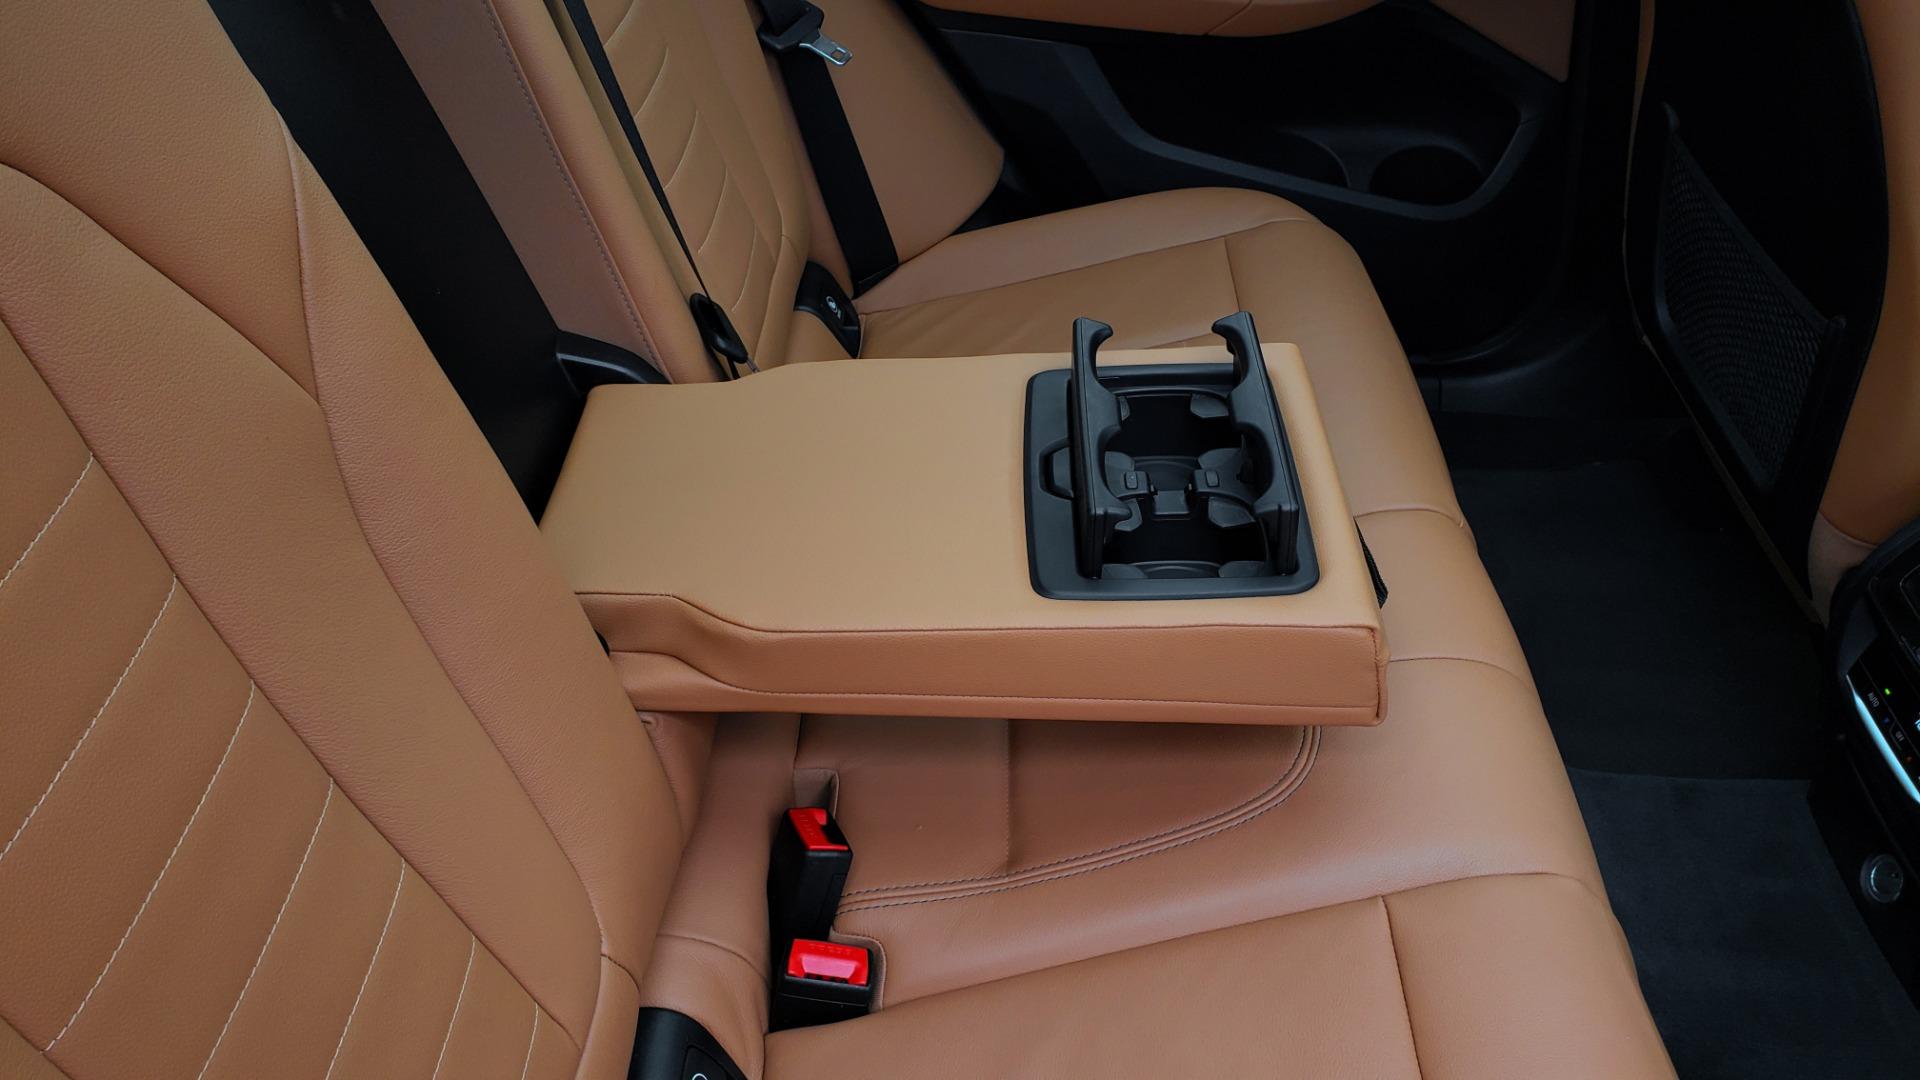 Used 2018 BMW X3 XDRIVE30I / LUX PKG / PREM PKG / CONV PKG / PDC / APPLE CARPLAY for sale Sold at Formula Imports in Charlotte NC 28227 81